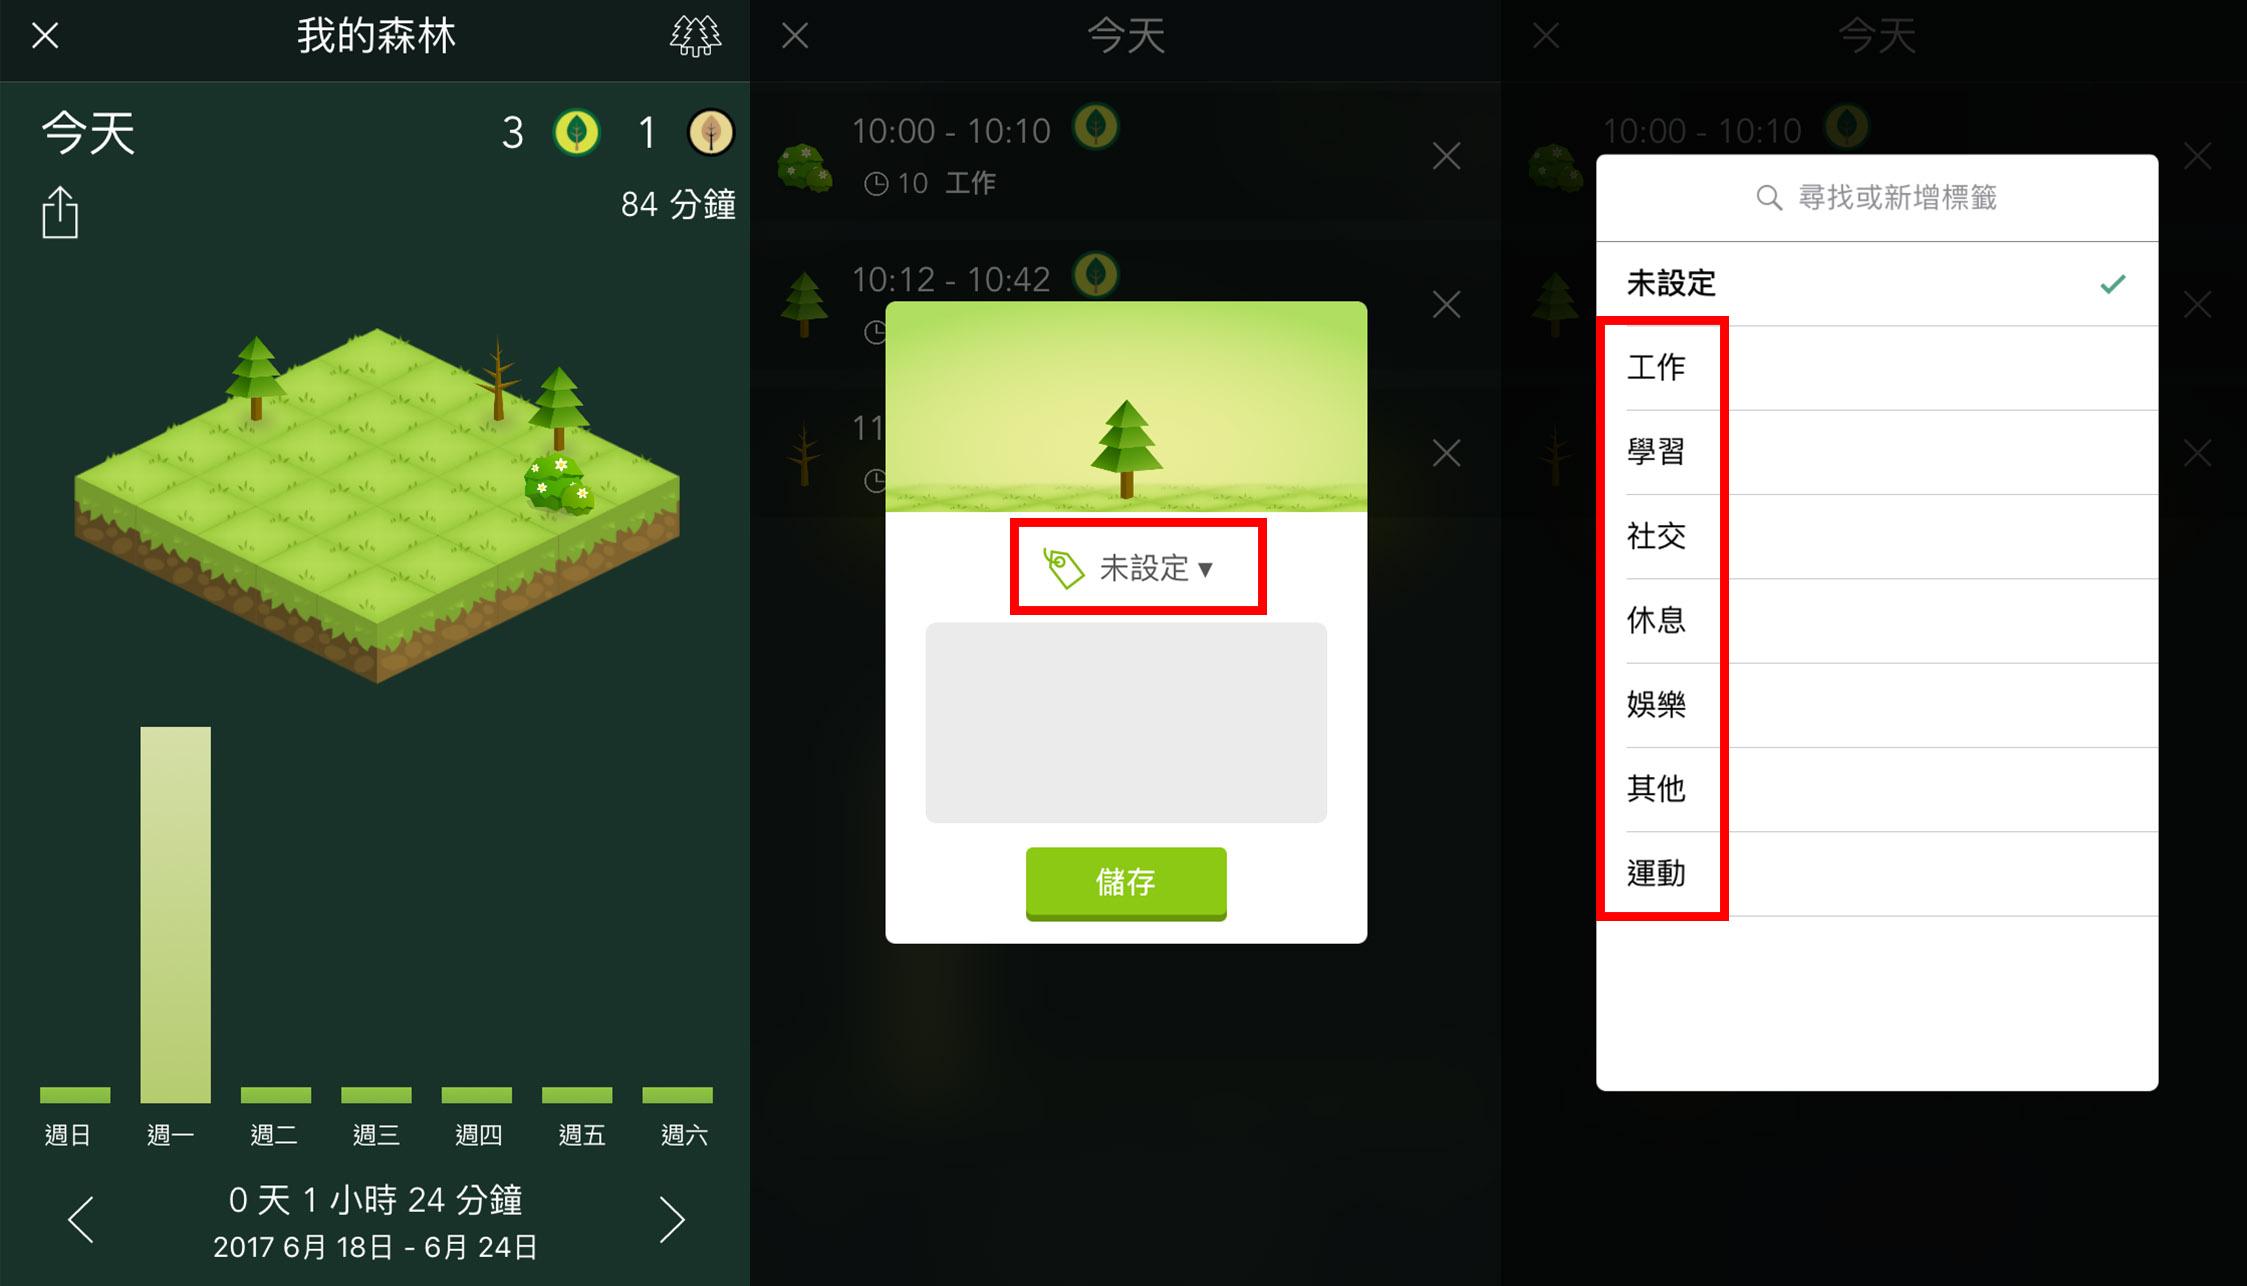 描述: C:\Users\MOFANG\Desktop\M編\Forest\IMG_61BBBB66.jpg